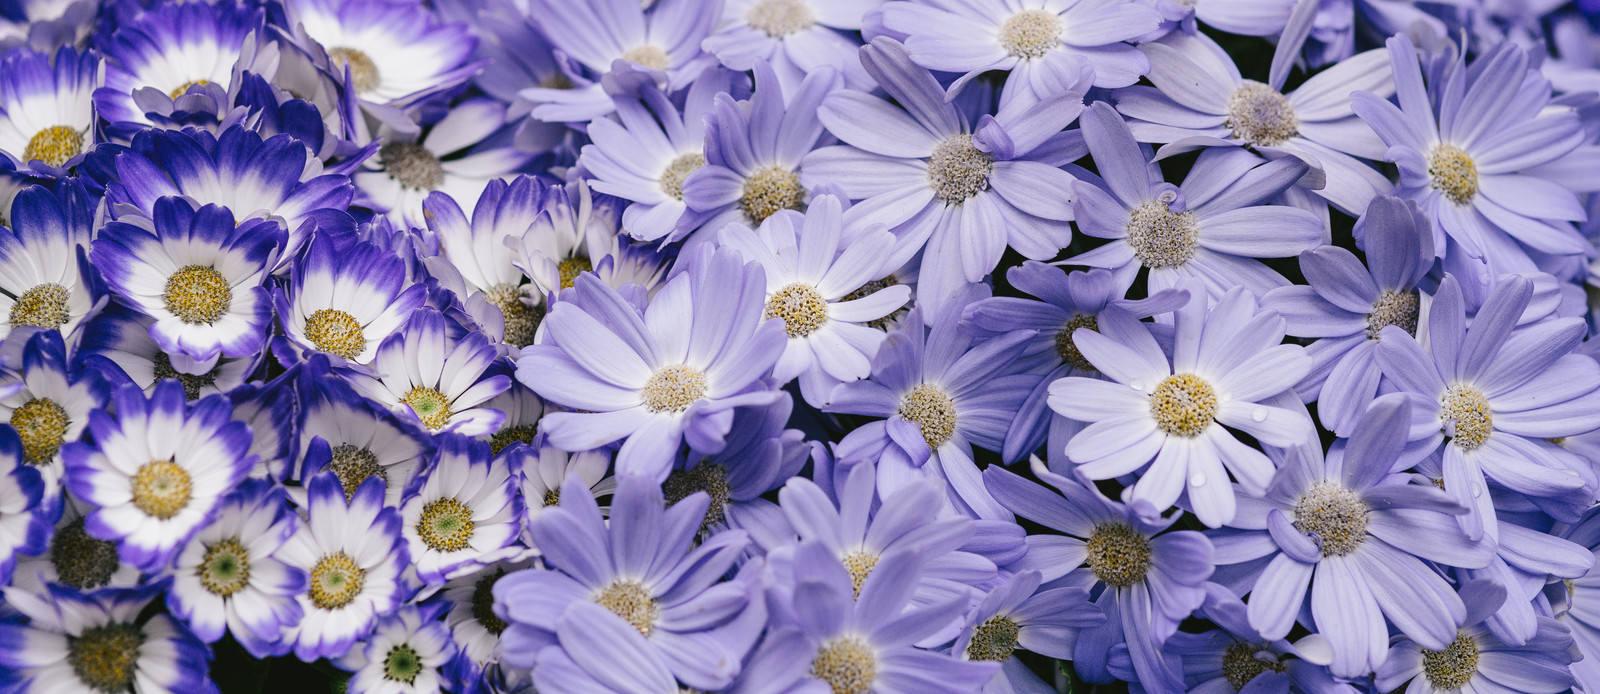 「紫色のお花紫色のお花」のフリー写真素材を拡大